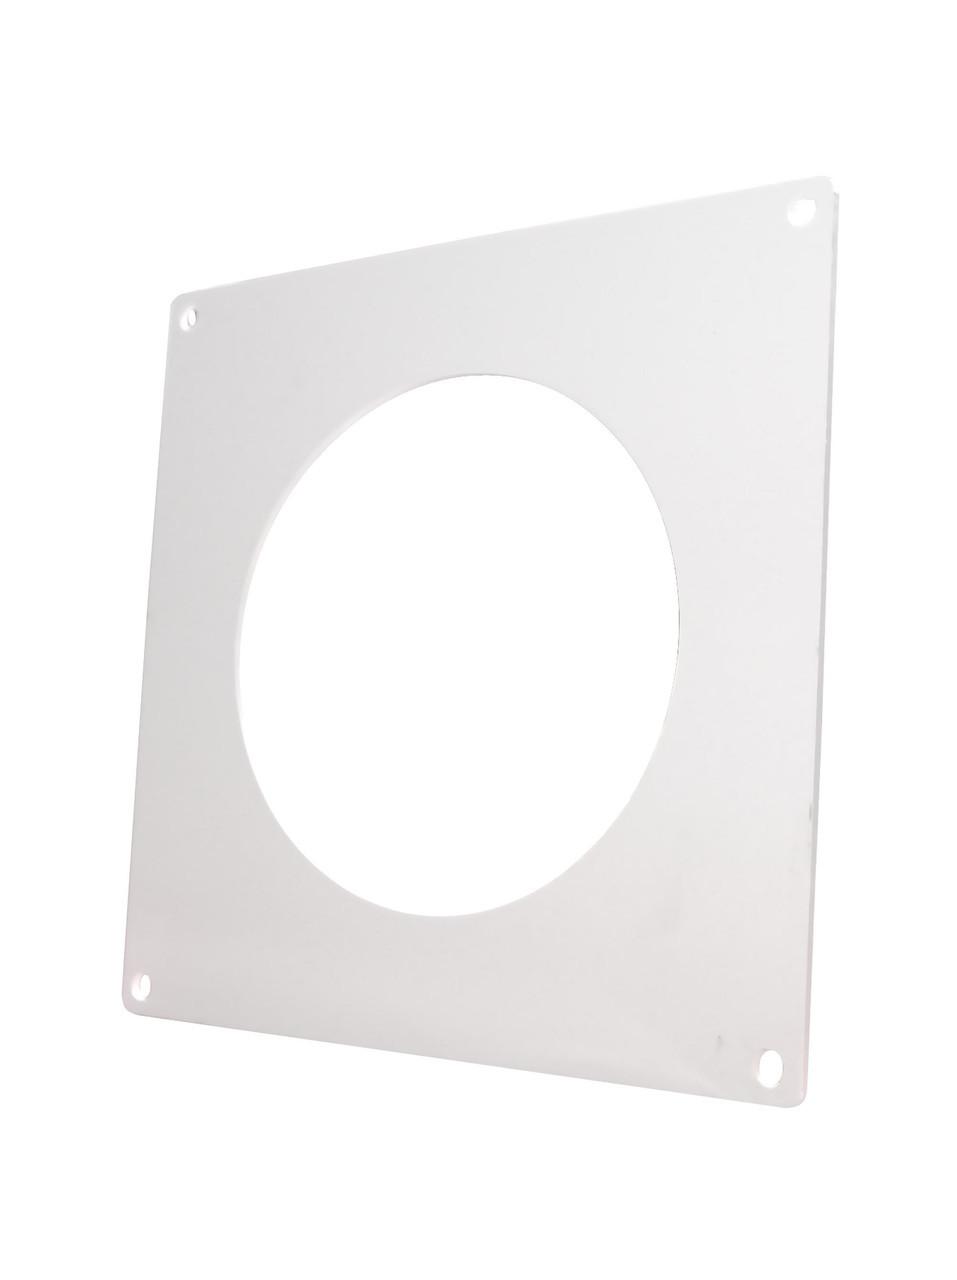 Фланец Dospel D/UKO 104 (007-0240)